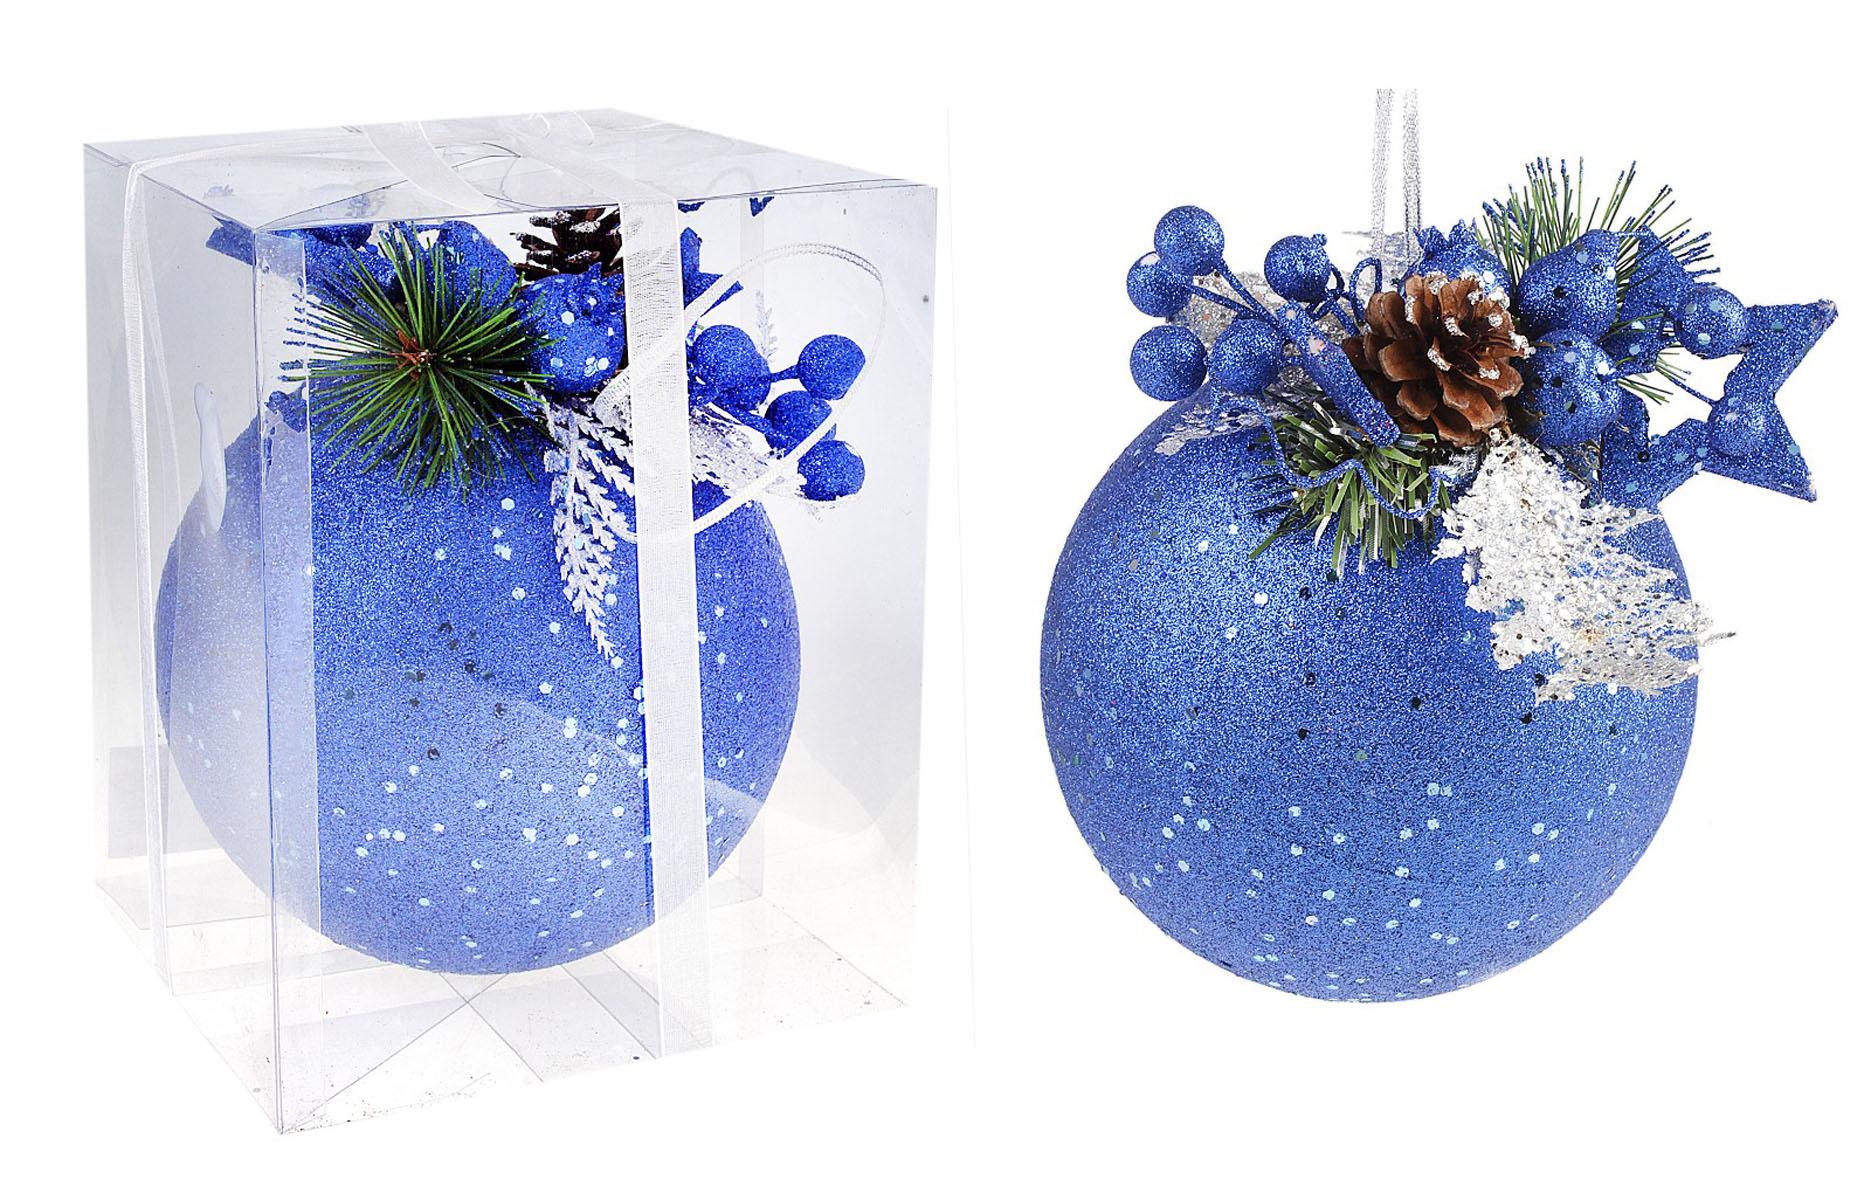 Новогоднее подвесное украшение Sima-land Шар, цвет: синий, диаметр 15 см. 542593542593Новогоднее подвесное украшение Sima-land Шар, выполненное из пластика, прекрасно подойдет для праздничного декора новогодней ели. Шар украшен веточками ели, звездой и шишкой. Изделие покрыто блестками. Для удобного размещения на елке для шара предусмотрена текстильная петелька. Елочная игрушка - символ Нового года. Она несет в себе волшебство и красоту праздника. Создайте в своем доме атмосферу веселья и радости, украшая новогоднюю елку нарядными игрушками, которые будут из года в год накапливать теплоту воспоминаний. Коллекция декоративных украшений принесет в ваш дом ни с чем несравнимое ощущение волшебства! Откройте для себя удивительный мир сказок и грез. Почувствуйте волшебные минуты ожидания праздника, создайте новогоднее настроение вашим дорогим и близким. Диаметр шара: 15 см. Материал: пластик, текстиль.